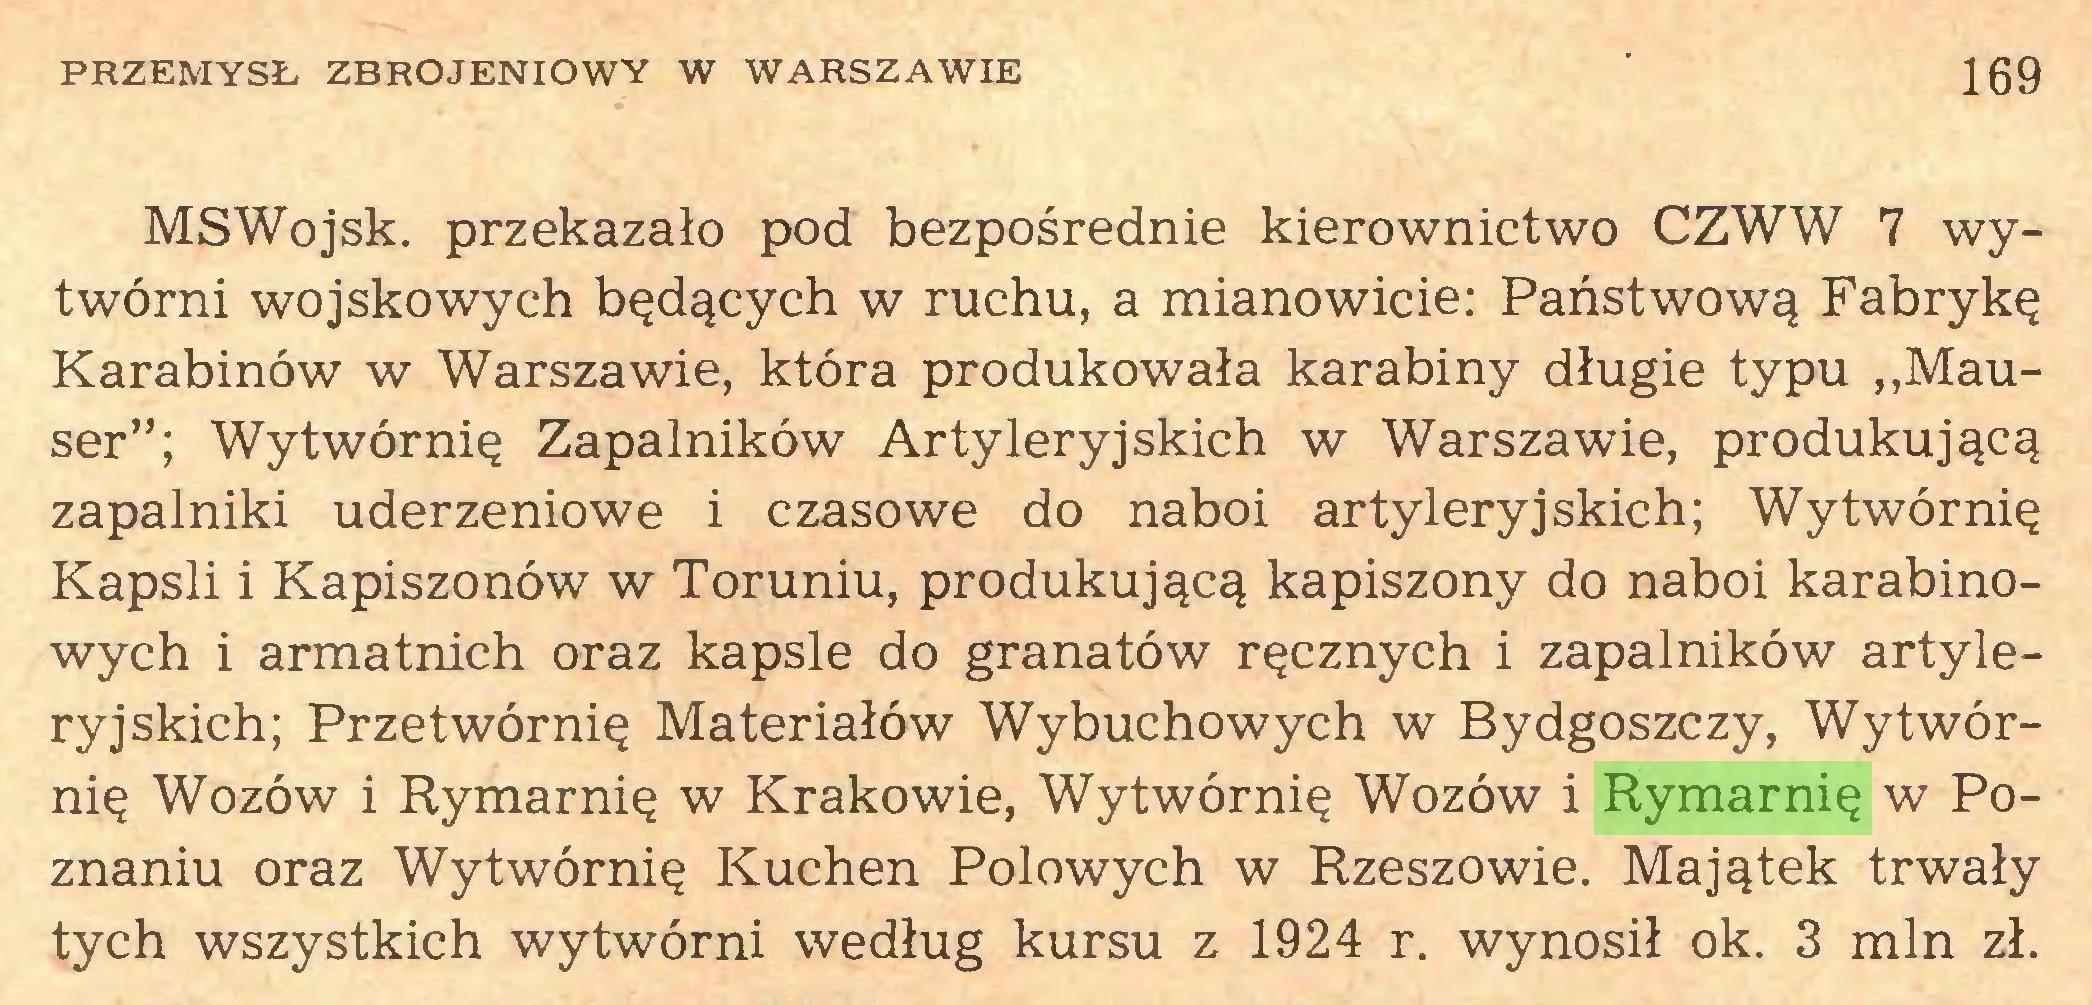 """(...) PRZEMYSŁ ZBROJENIOWY W WARSZAWIE 169 MS Wojsk, przekazało pod bezpośrednie kierownictwo CZWW 7 wytwórni wojskowych będących w ruchu, a mianowicie: Państwową Fabrykę Karabinów w Warszawie, która produkowała karabiny długie typu ,,Mauser""""; Wytwórnię Zapalników Artyleryjskich w Warszawie, produkującą zapalniki uderzeniowe i czasowe do naboi artyleryjskich; Wytwórnię Kapsli i Kapiszonów w Toruniu, produkującą kapiszony do naboi karabinowych i armatnich oraz kapsle do granatów ręcznych i zapalników artyleryjskich; Przetwórnię Materiałów Wybuchowych w Bydgoszczy, Wytwórnię Wozów i Rymarnię w Krakowie, Wytwórnię Wozów i Rymarnię w Poznaniu oraz Wytwórnię Kuchen Polowych w Rzeszowie. Majątek trwały tych wszystkich wytwórni według kursu z 1924 r. wynosił ok. 3 min zł..."""